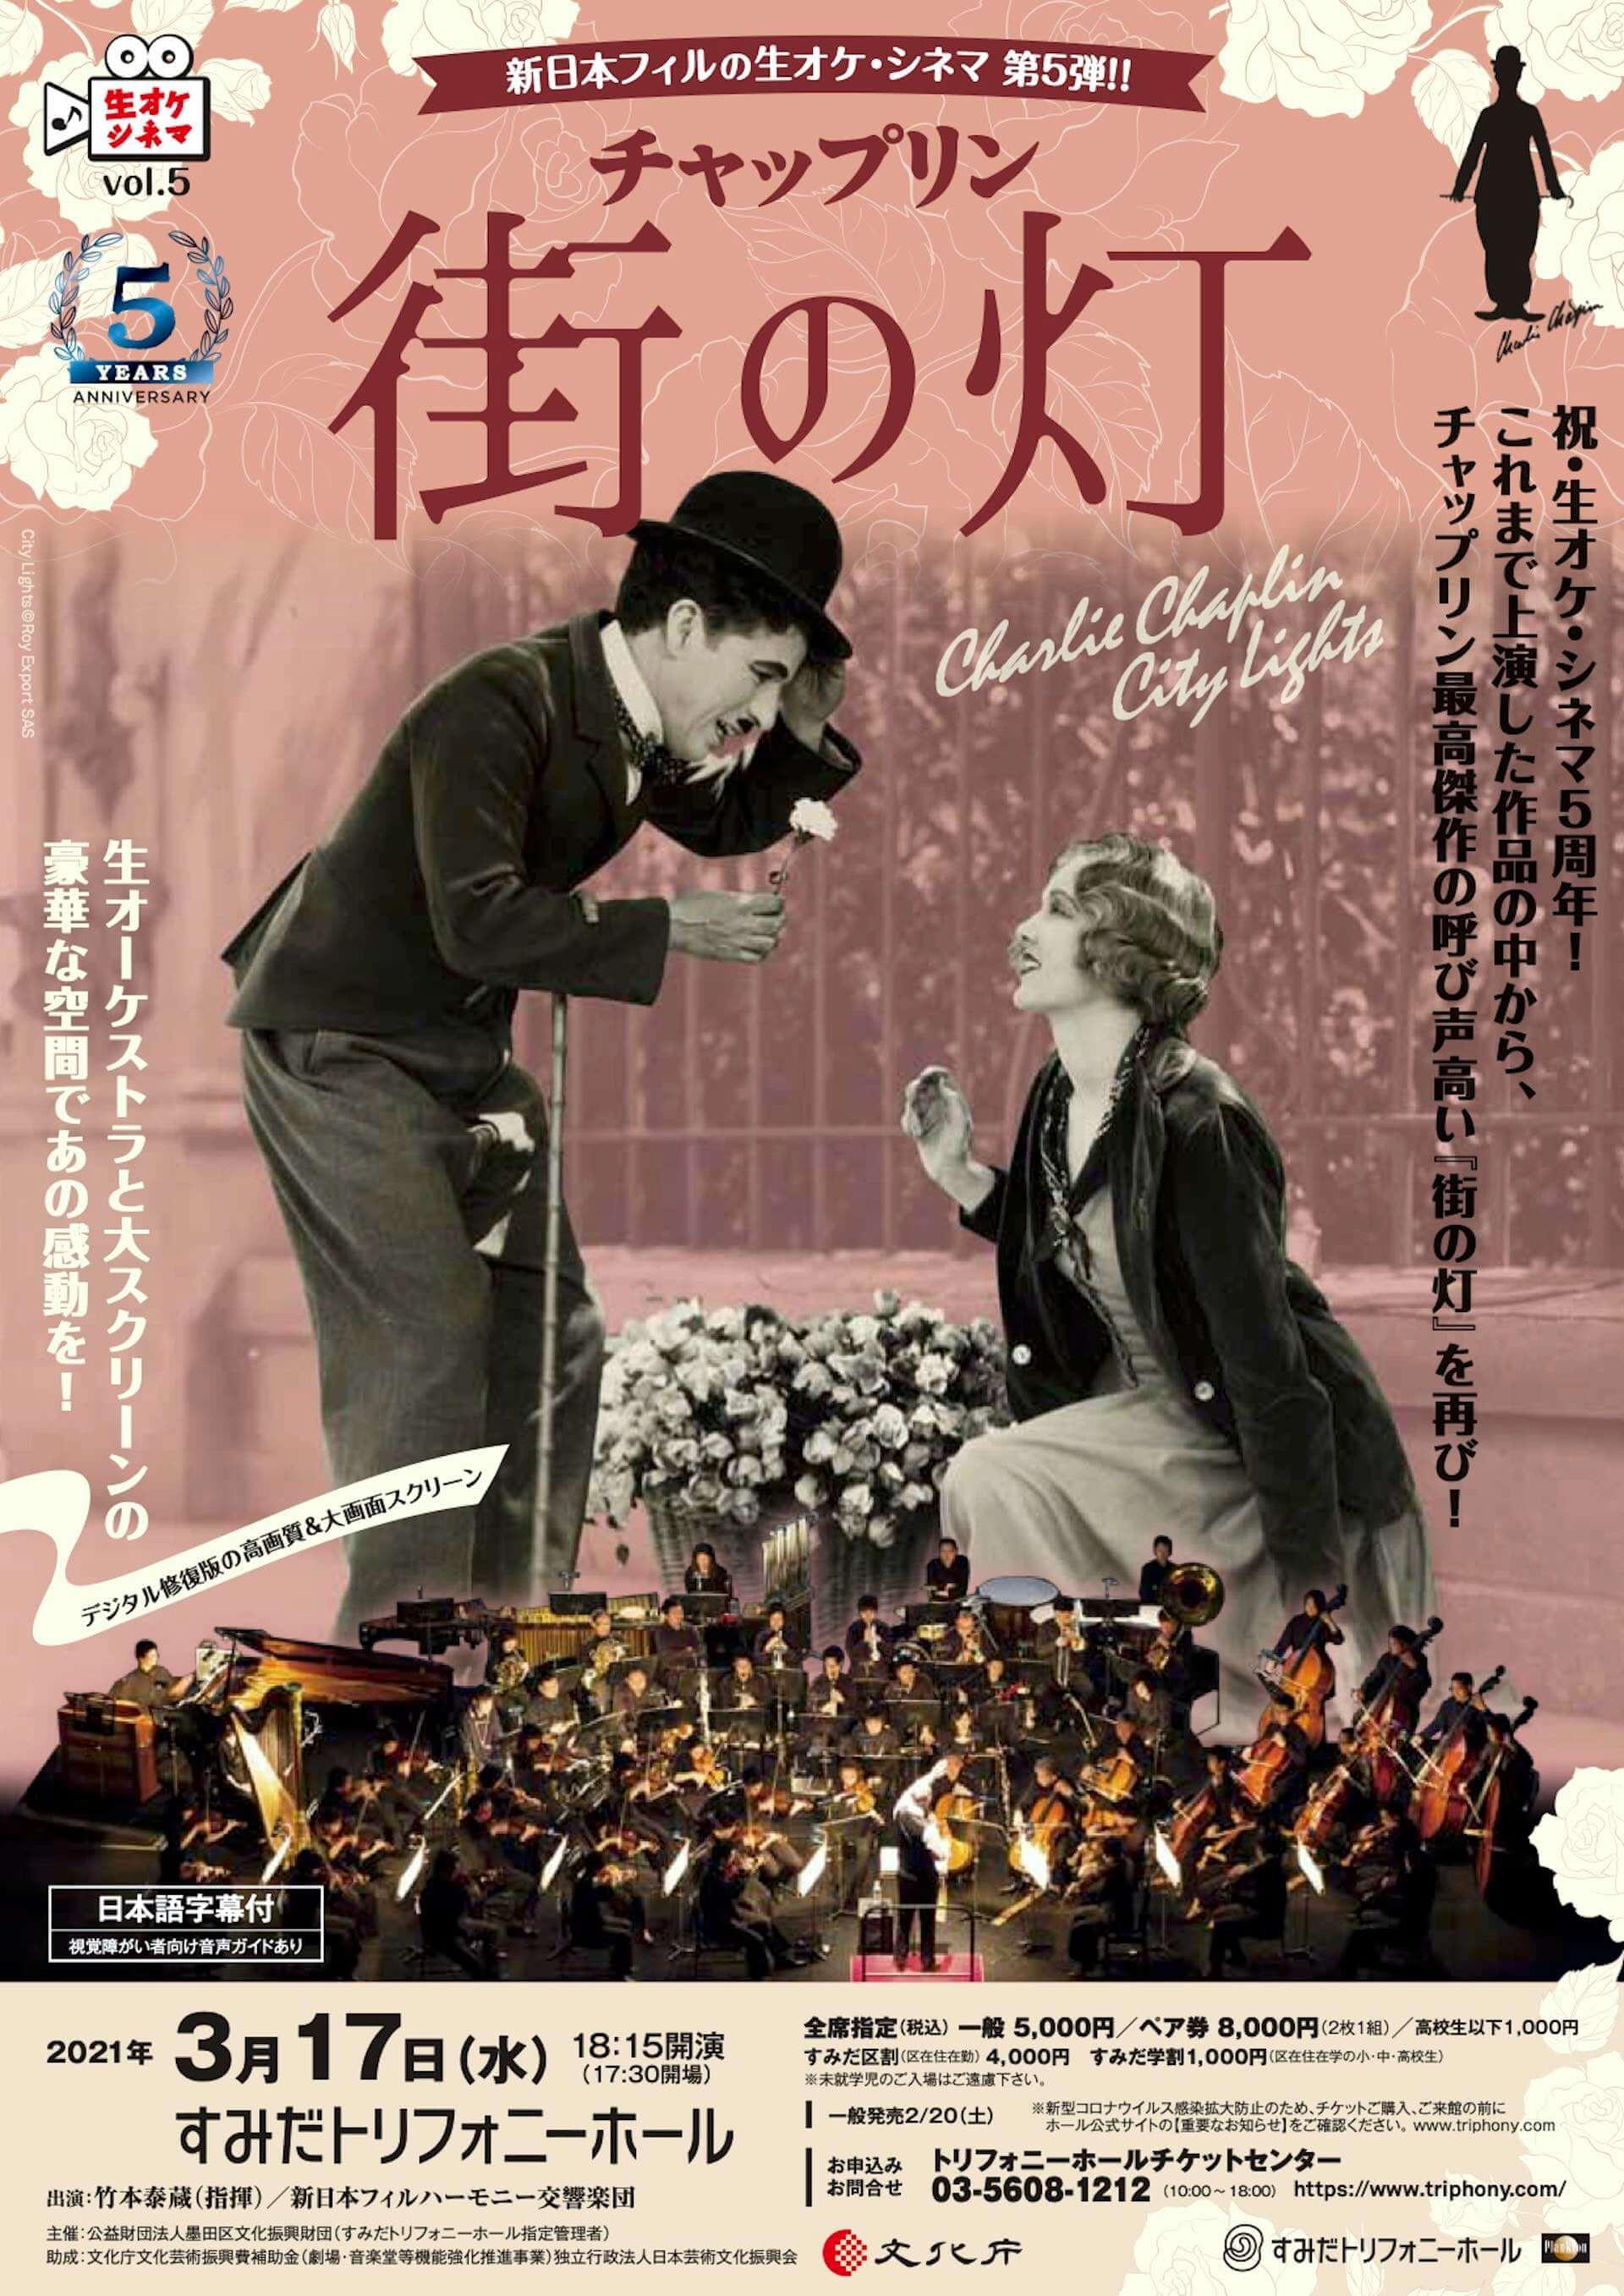 チャップリン最高傑作との呼び声高い映画『街の灯』が<生オケ・シネマ>にて上映決定!新日本フィルがオリジナルスコアを演奏 film210224_chaplin_2-1920x2714